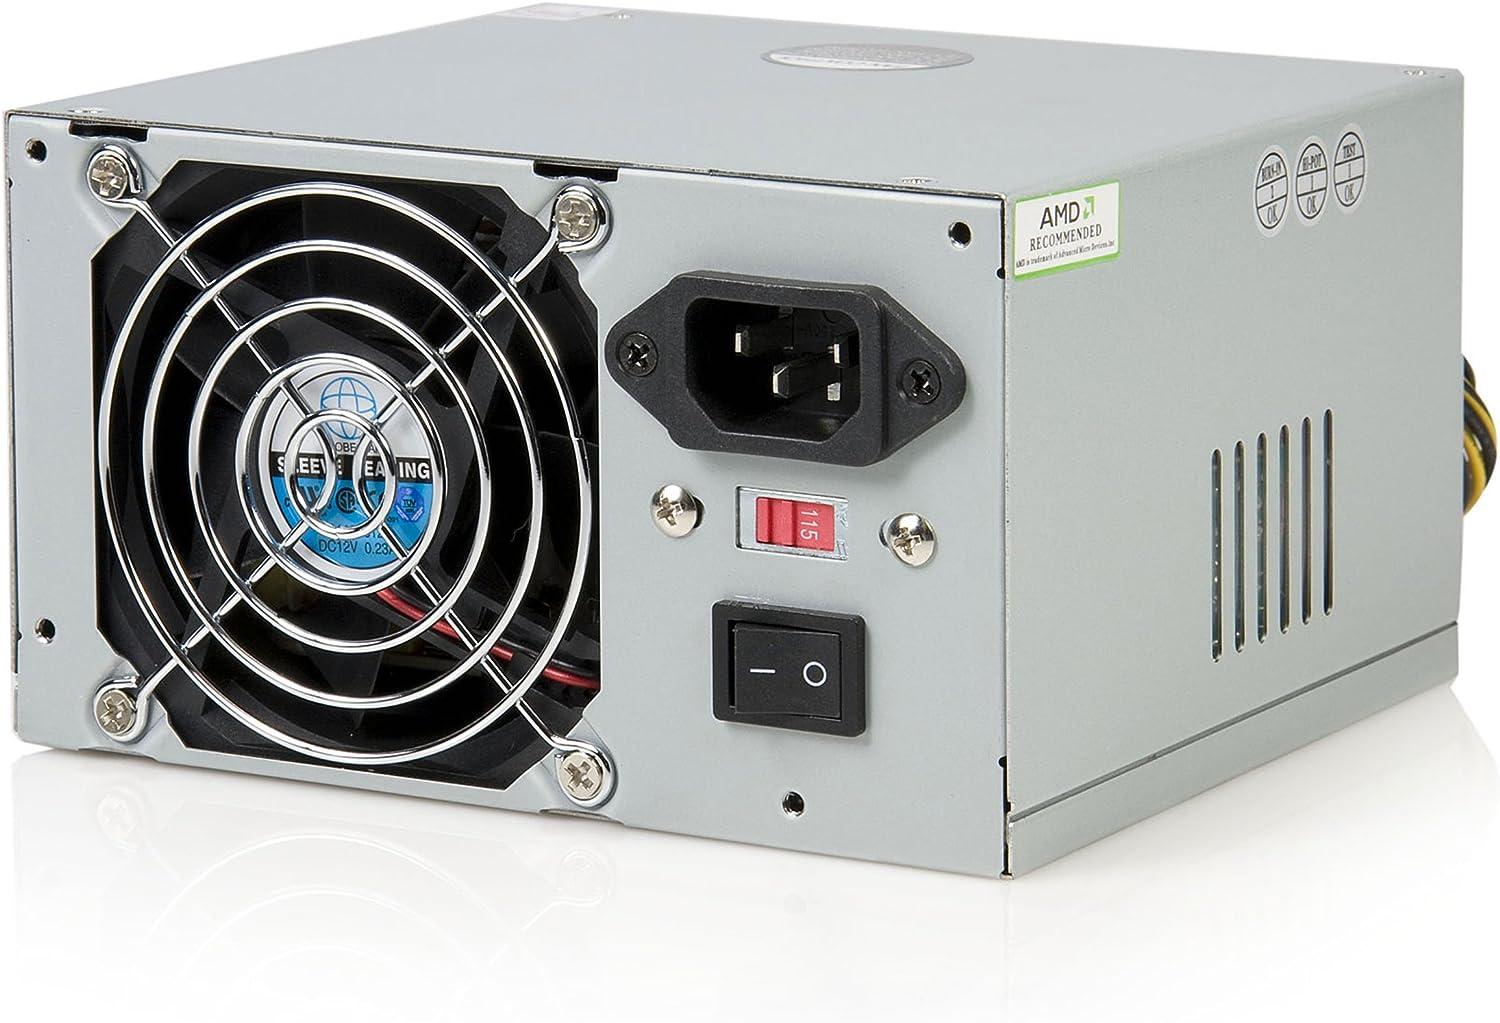 StarTech.com 350 Watt ATX12V 2.01 Computer PC Power Supply w/ 20 & 24 Pin Connector (ATX2POWER350)